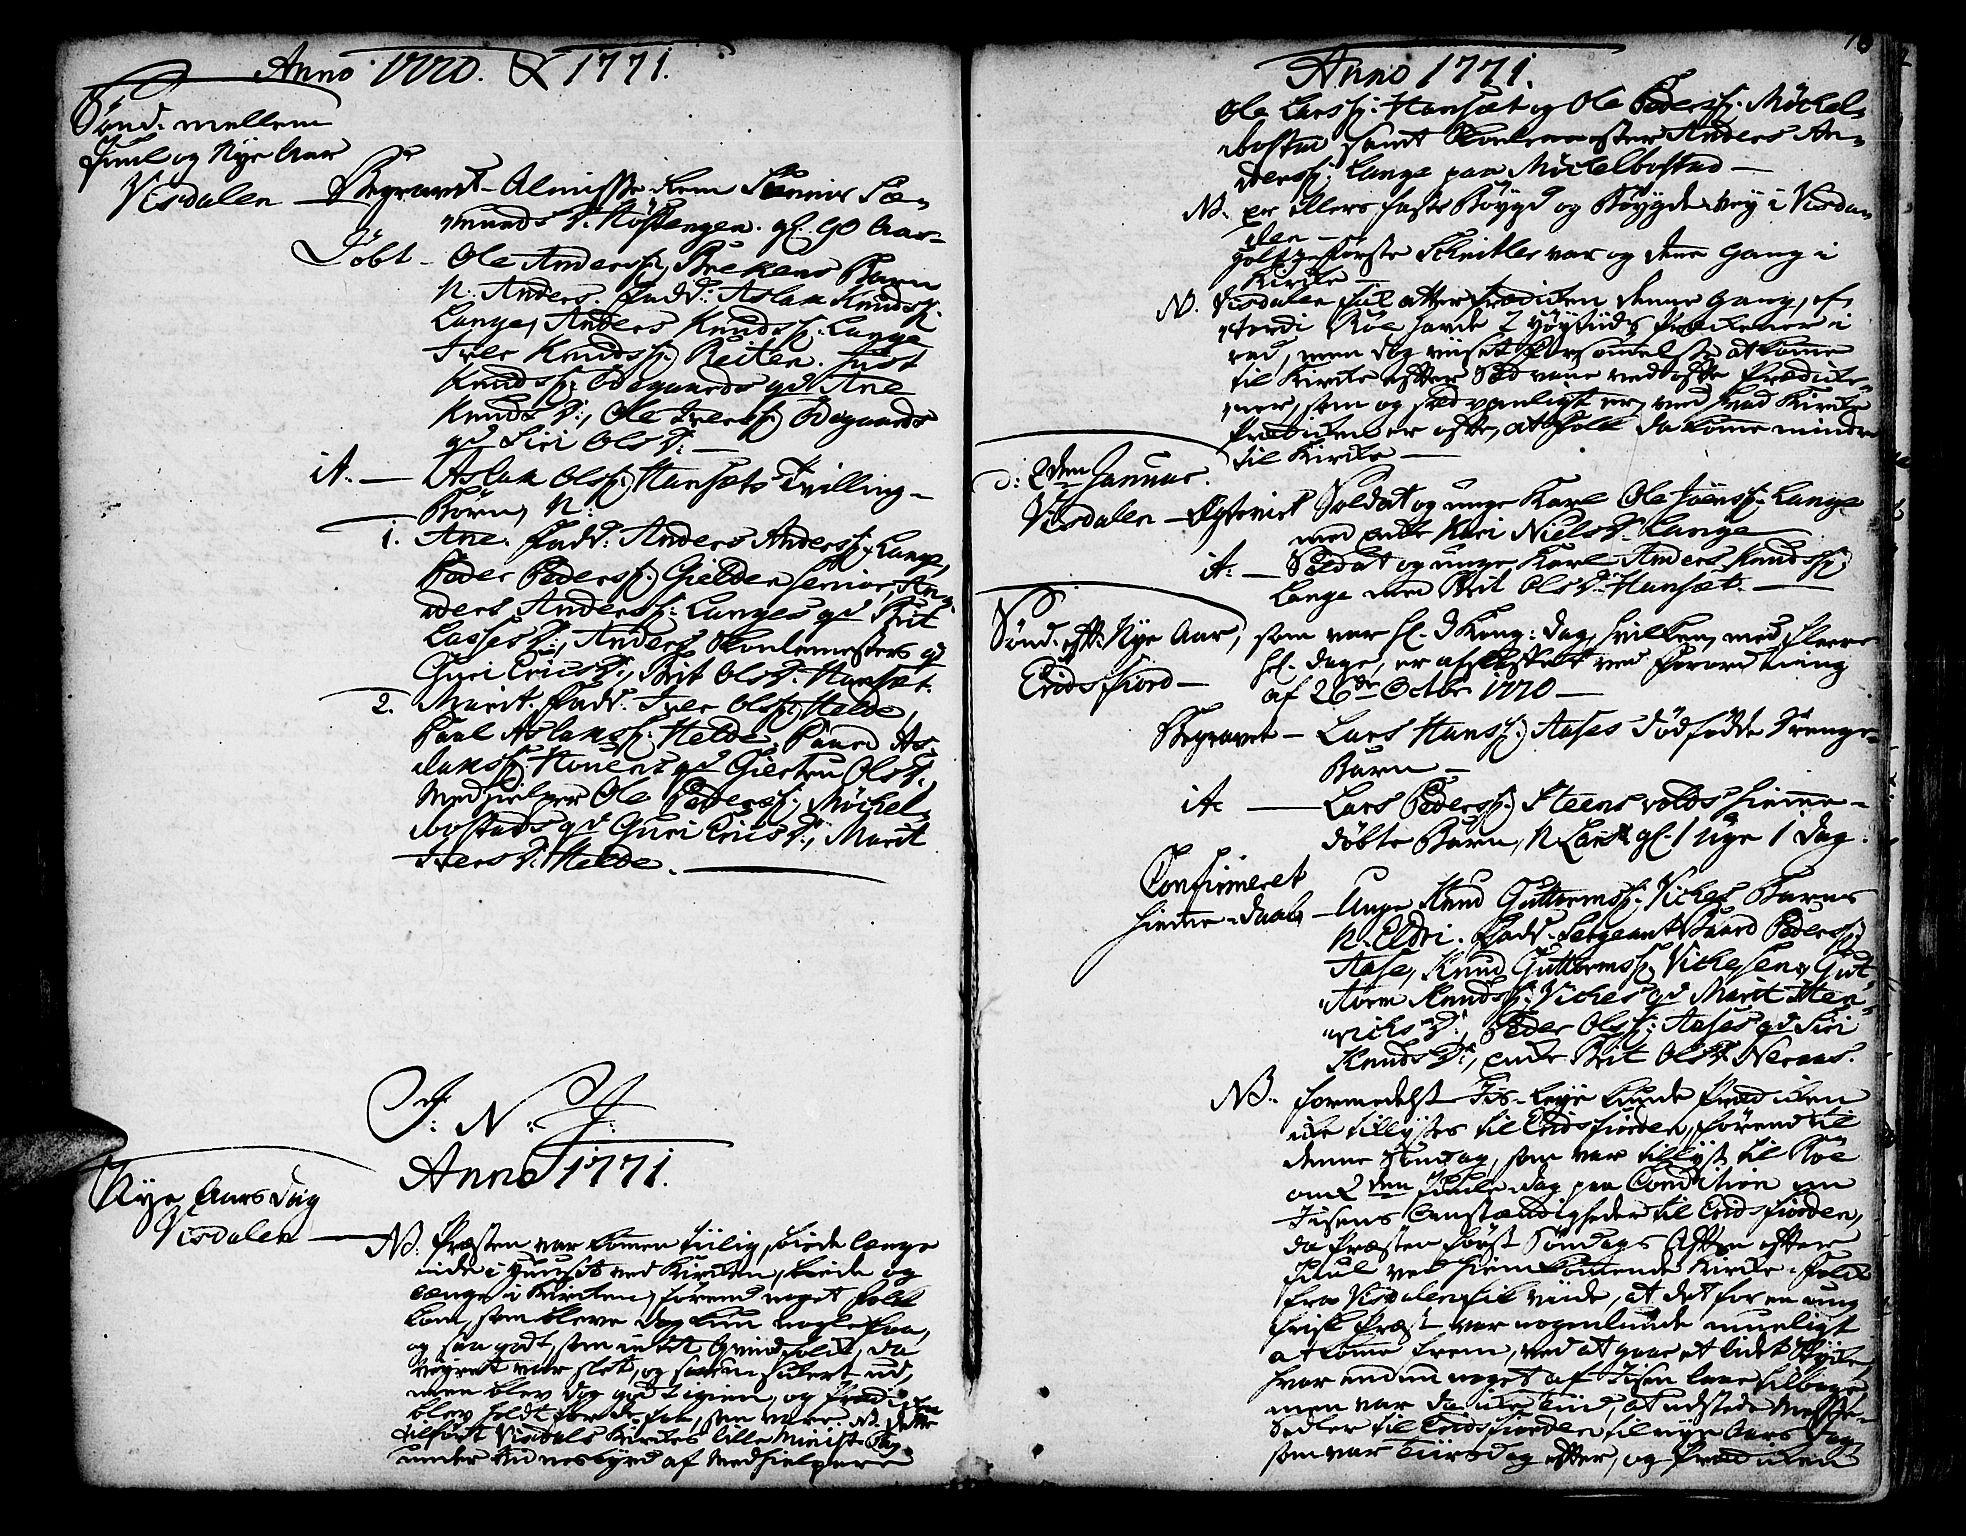 SAT, Ministerialprotokoller, klokkerbøker og fødselsregistre - Møre og Romsdal, 551/L0621: Ministerialbok nr. 551A01, 1757-1803, s. 76